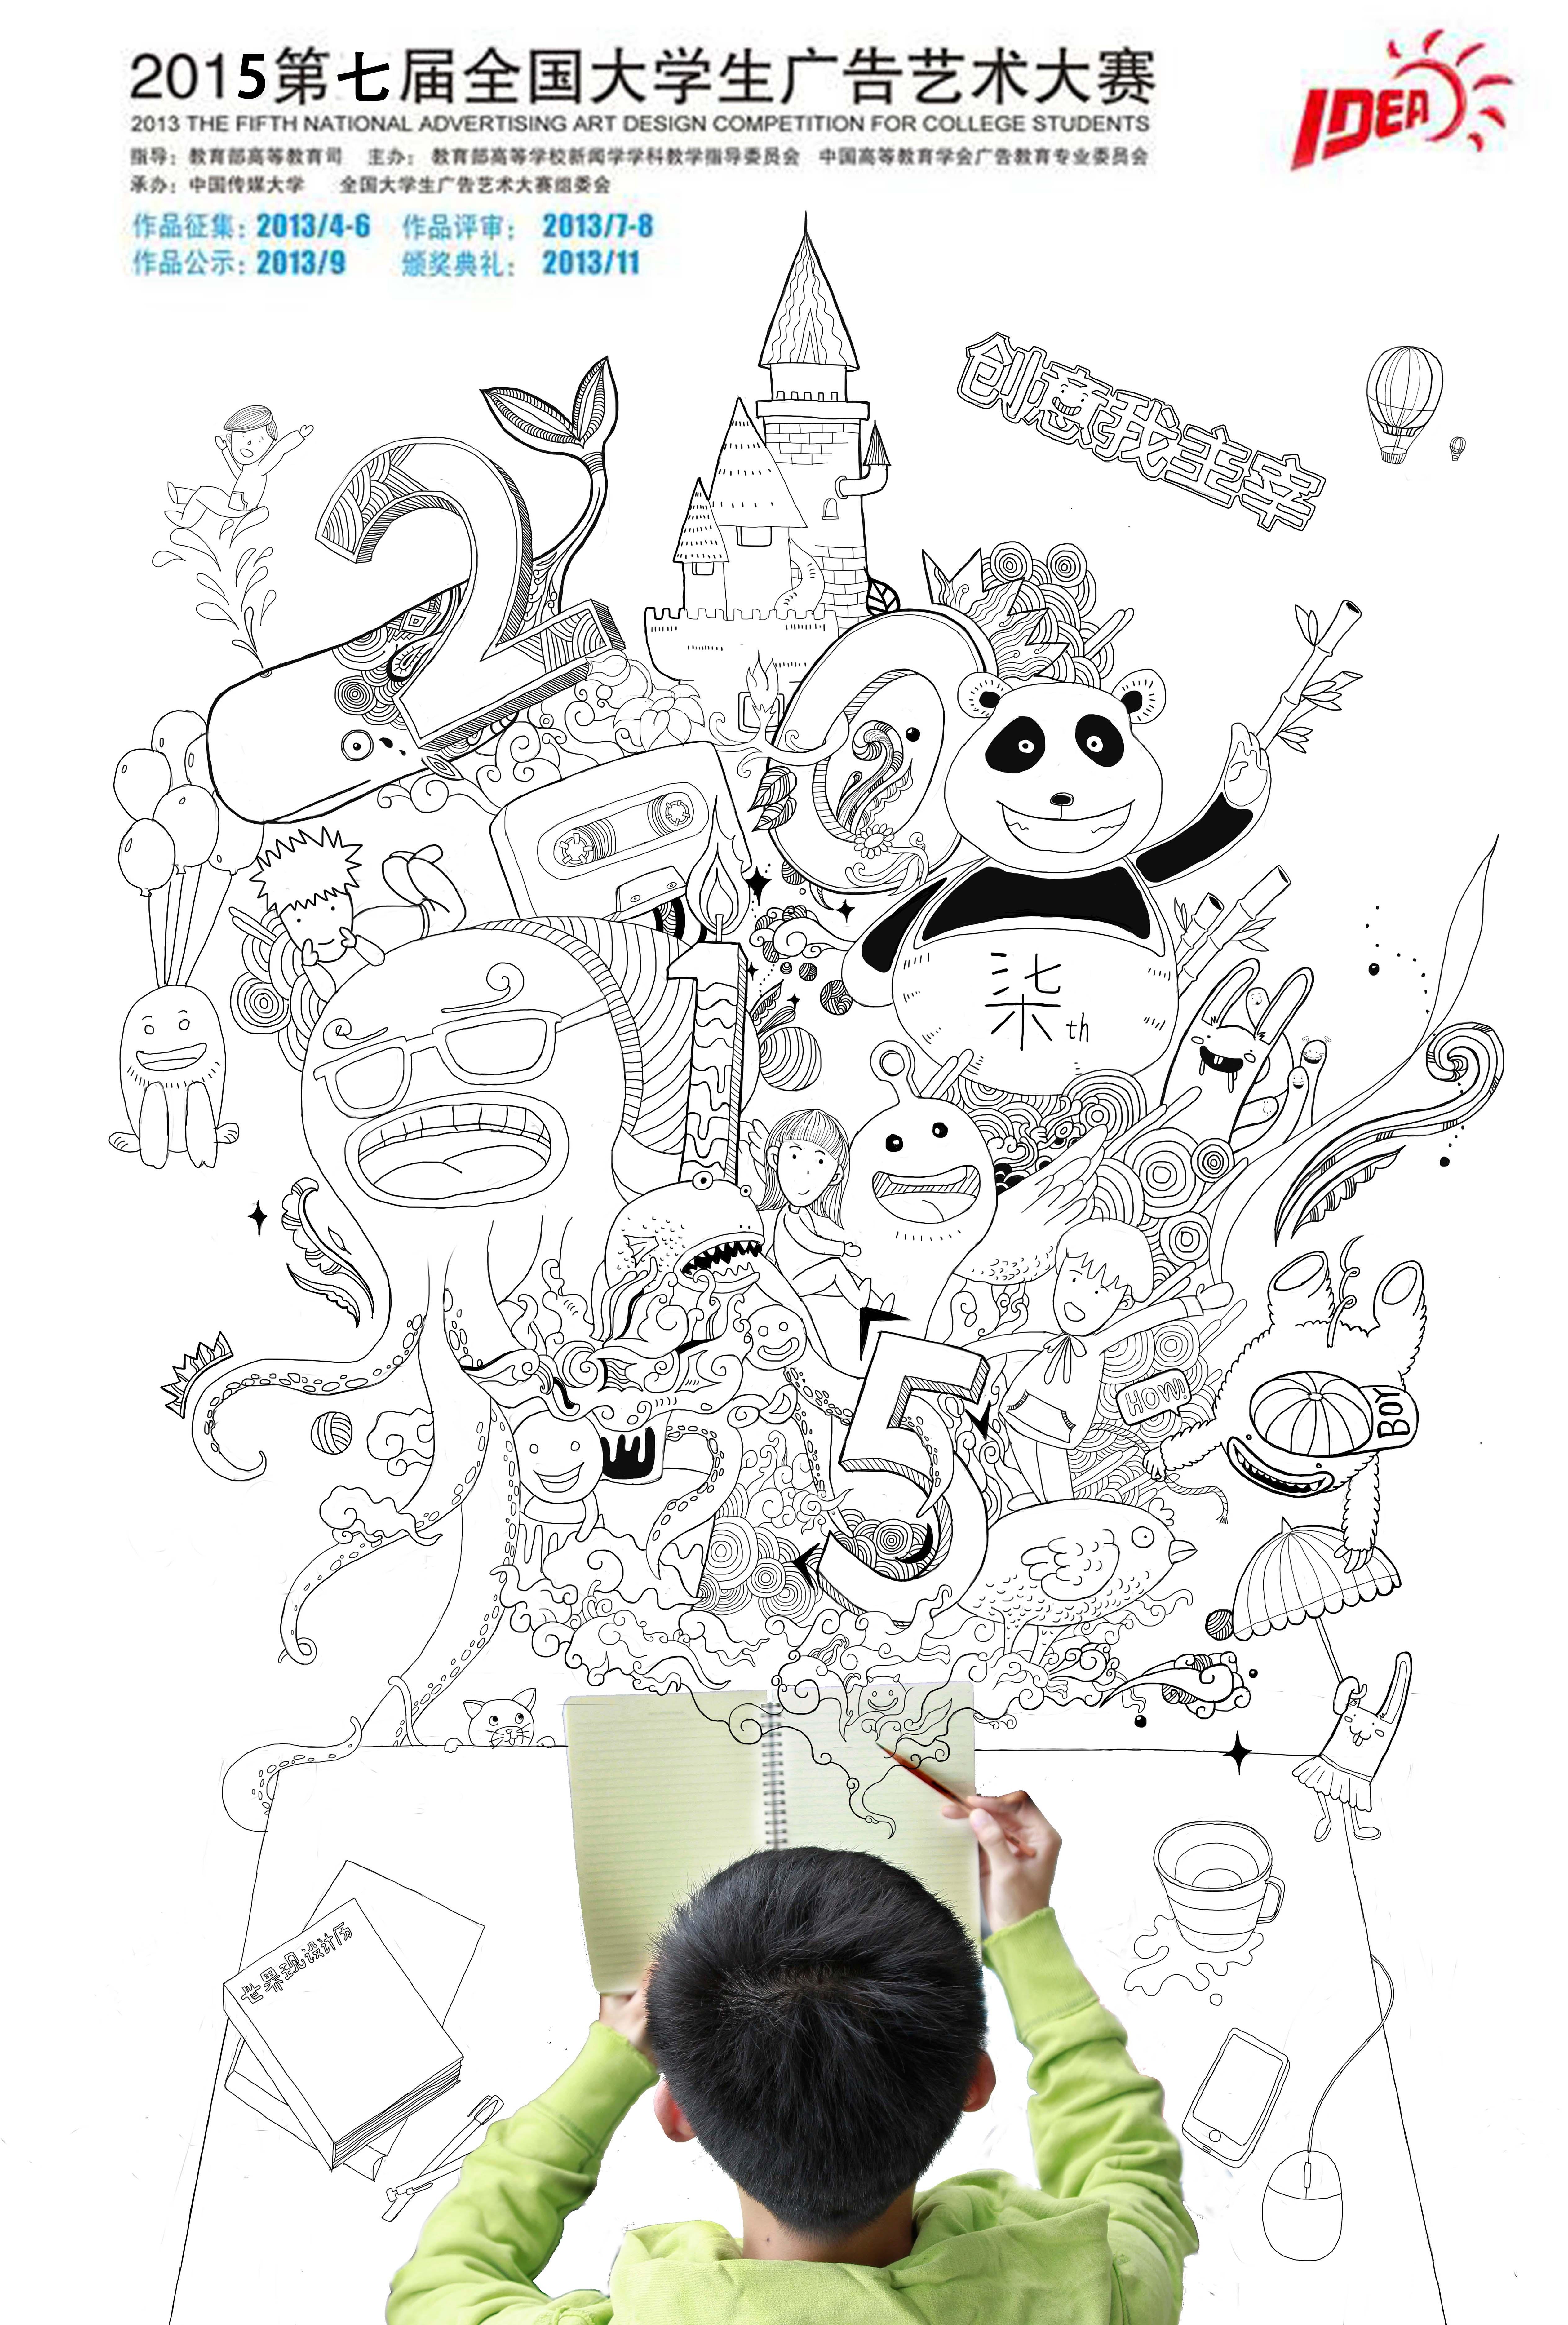 手绘作品 第七届全国大学生广告艺术大赛海报设计图片